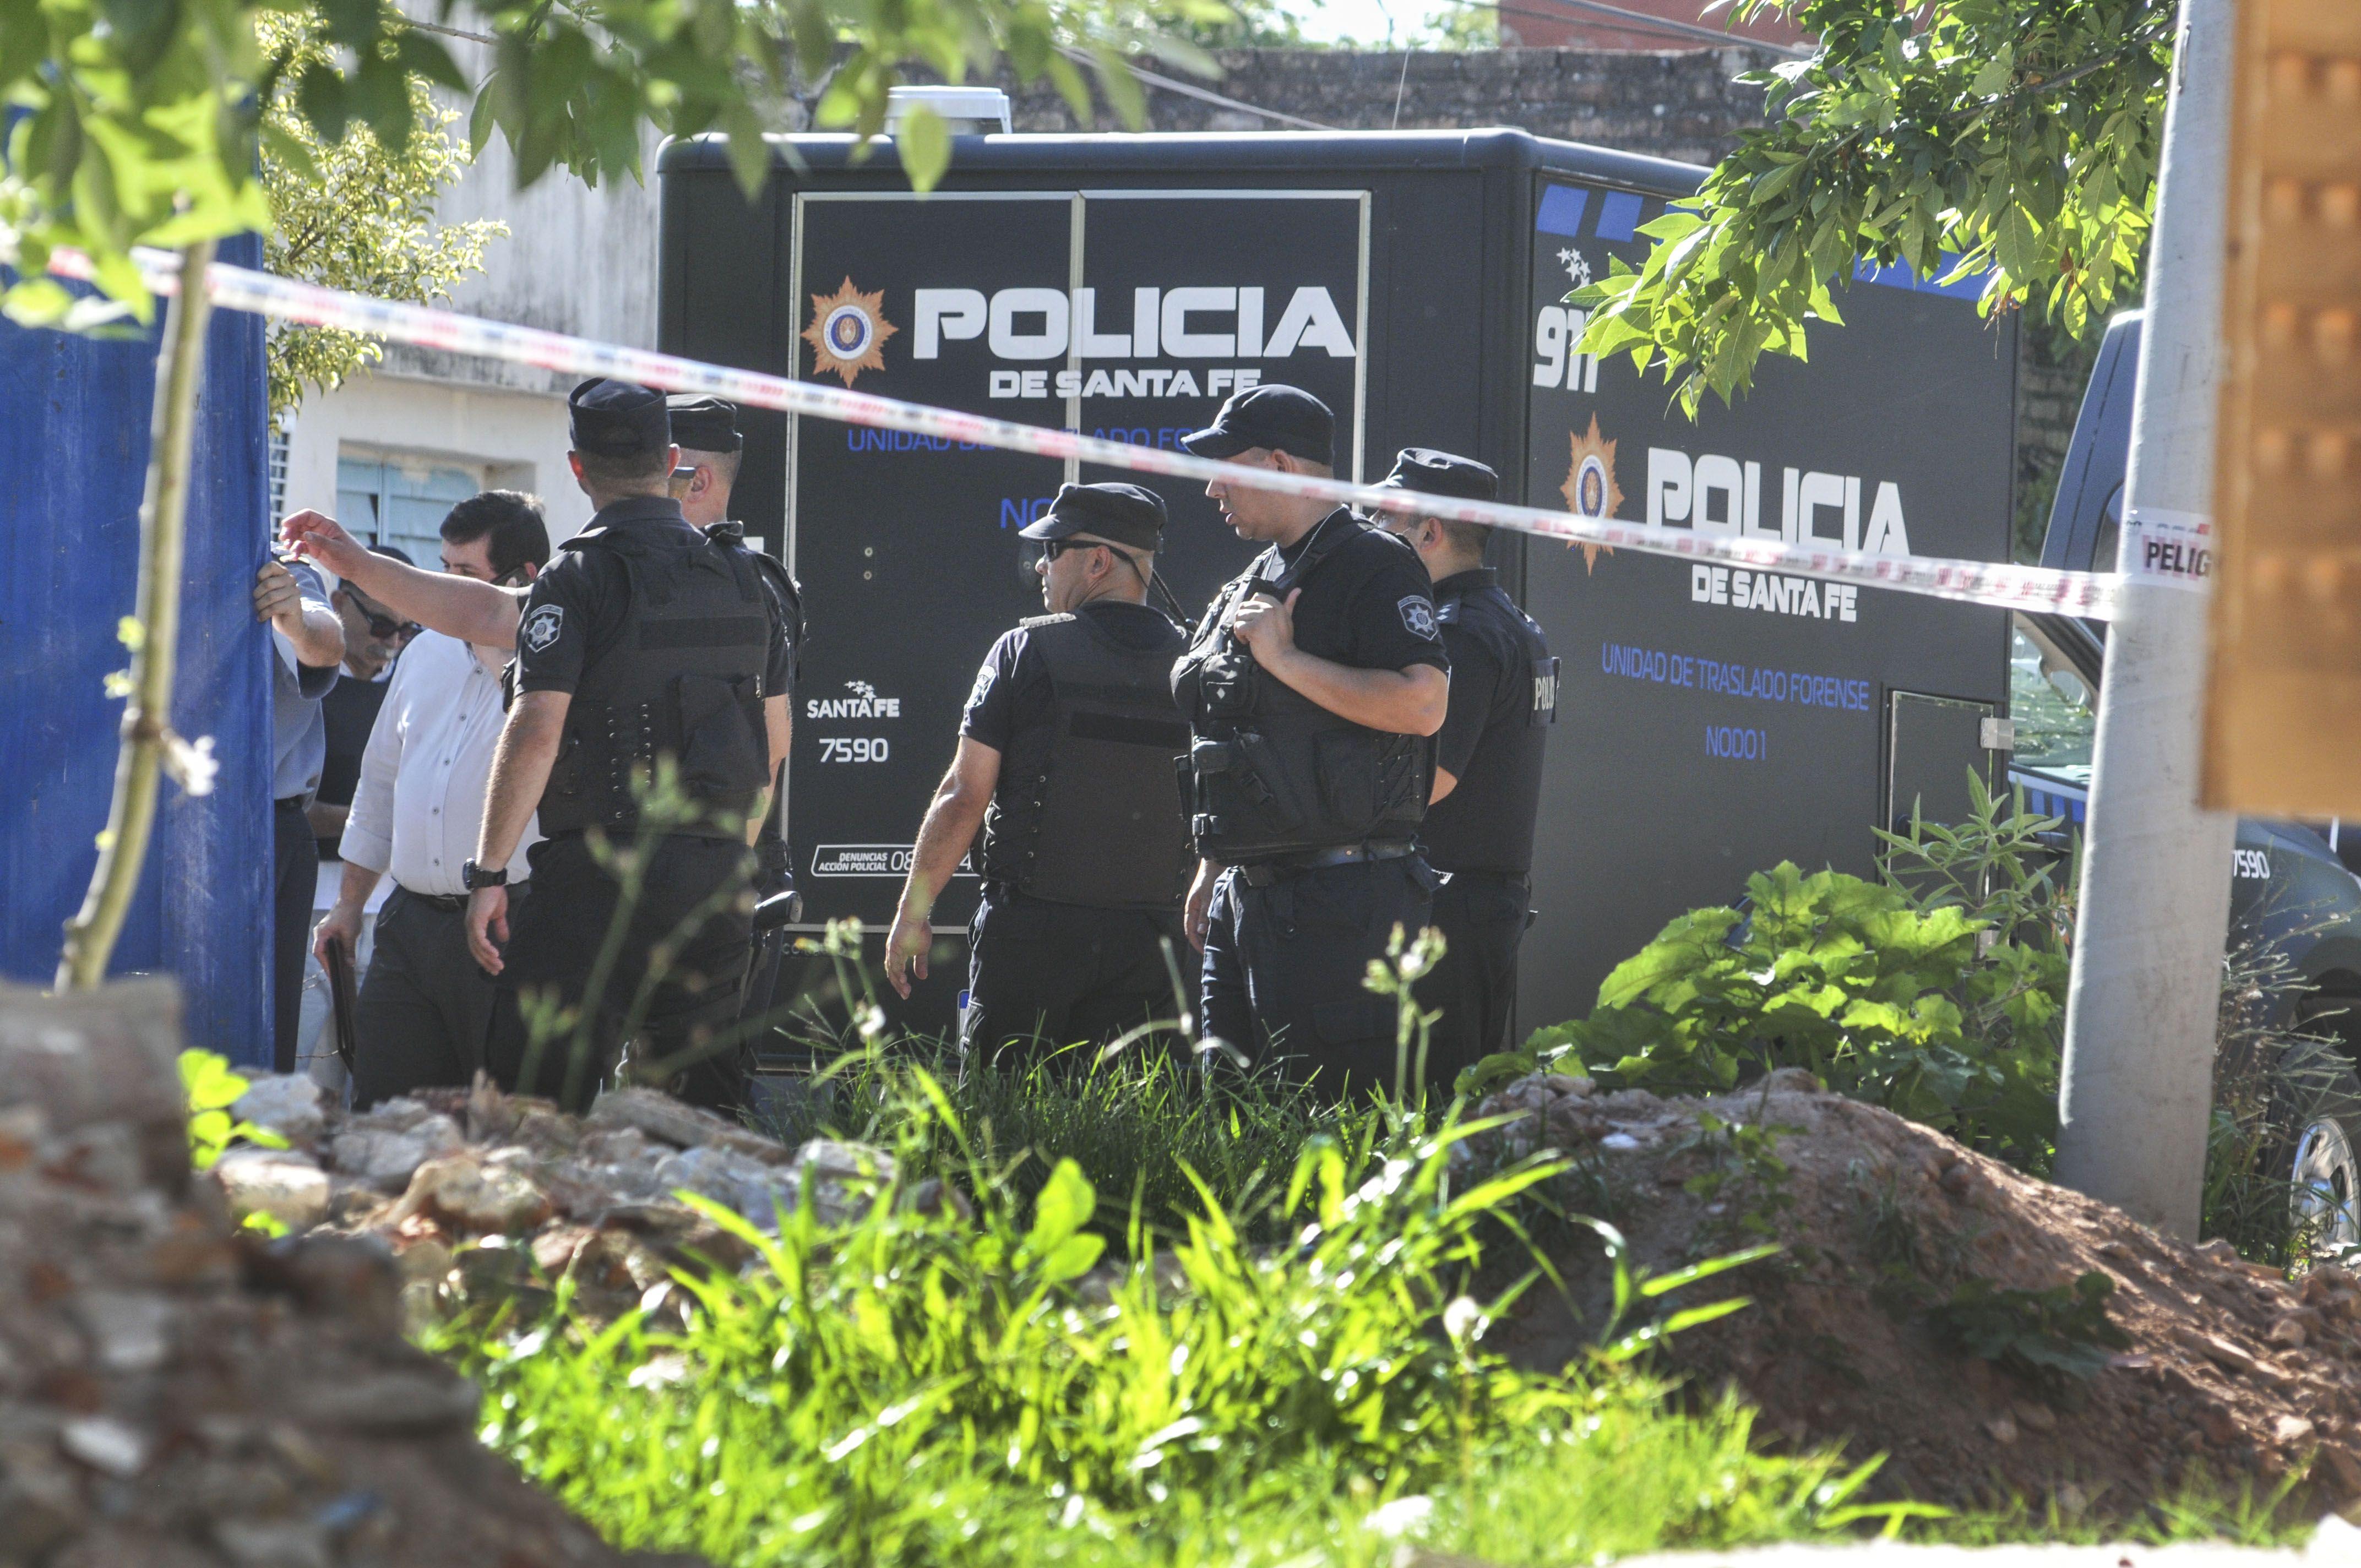 Facundo Solís mató a cinco personas en Santa Fe